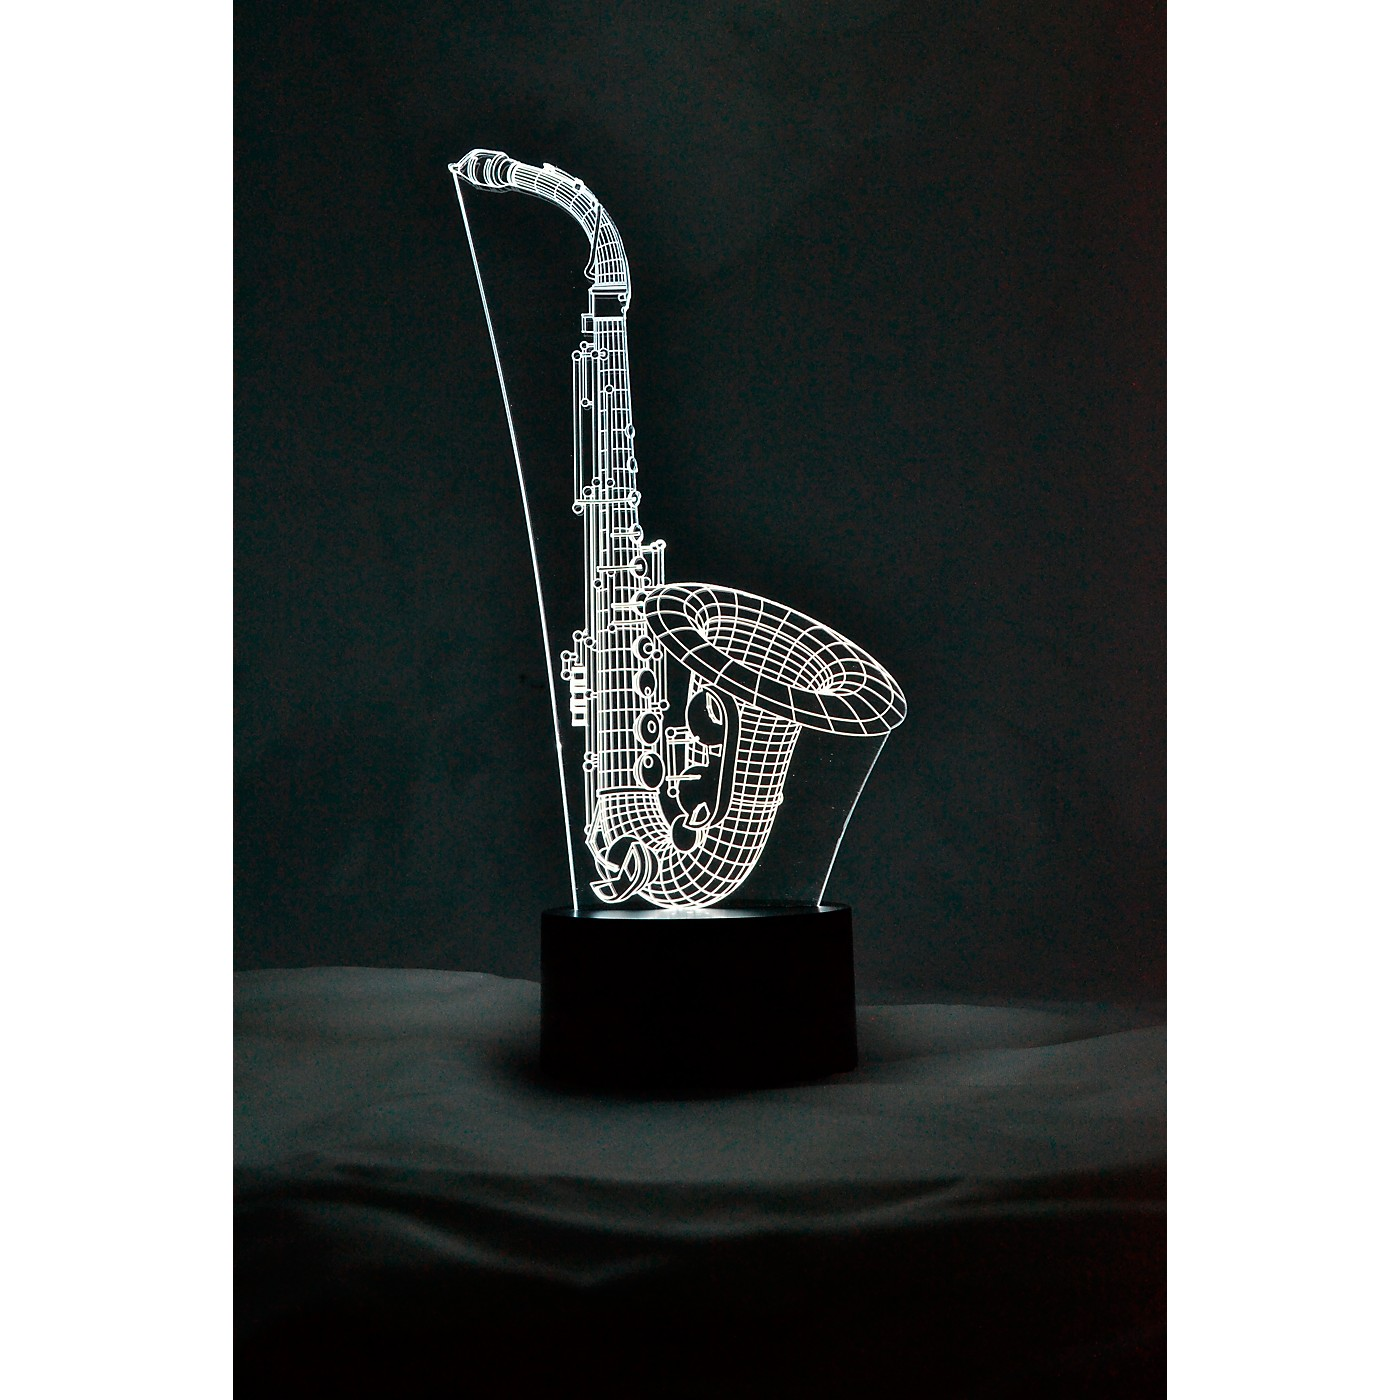 AIM Saxophone 3D LED Lamp Optical Illusion Light thumbnail